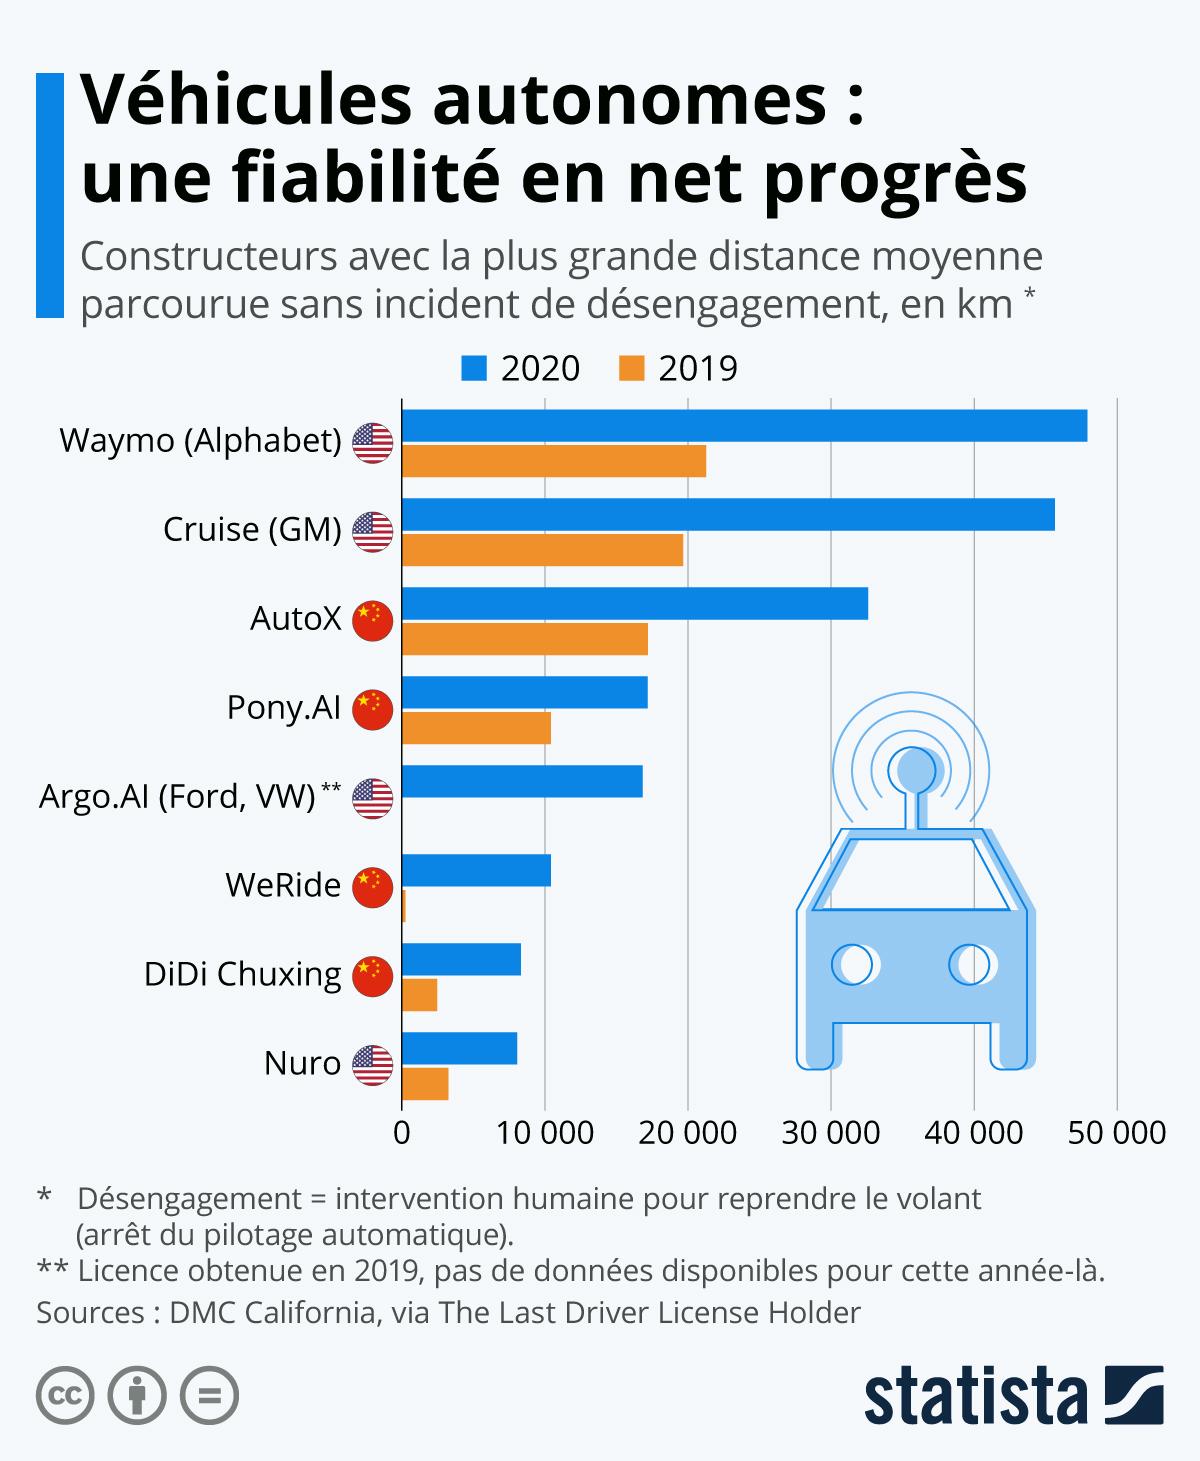 Infographie: Voitures autonome : les véhicules les plus fiables | Statista